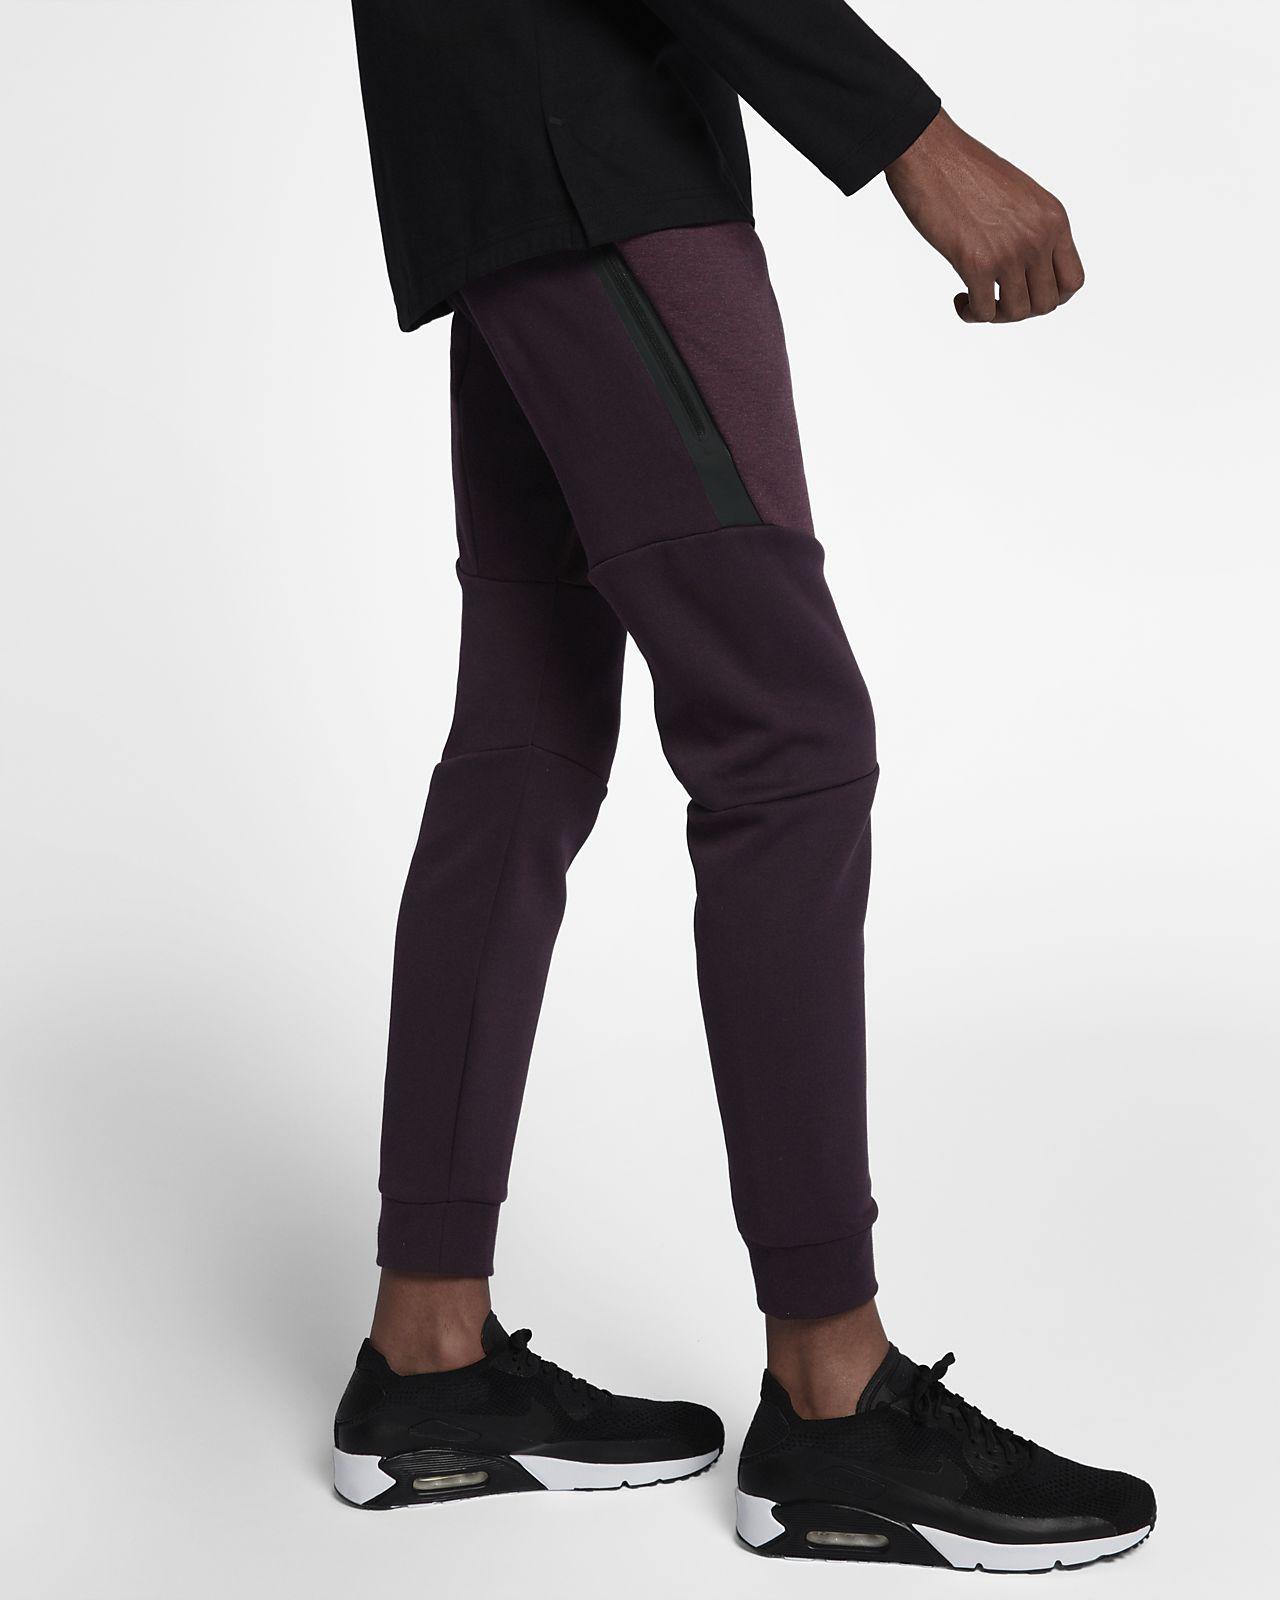 nike sportswear tech fleece men 39 s joggers gb. Black Bedroom Furniture Sets. Home Design Ideas